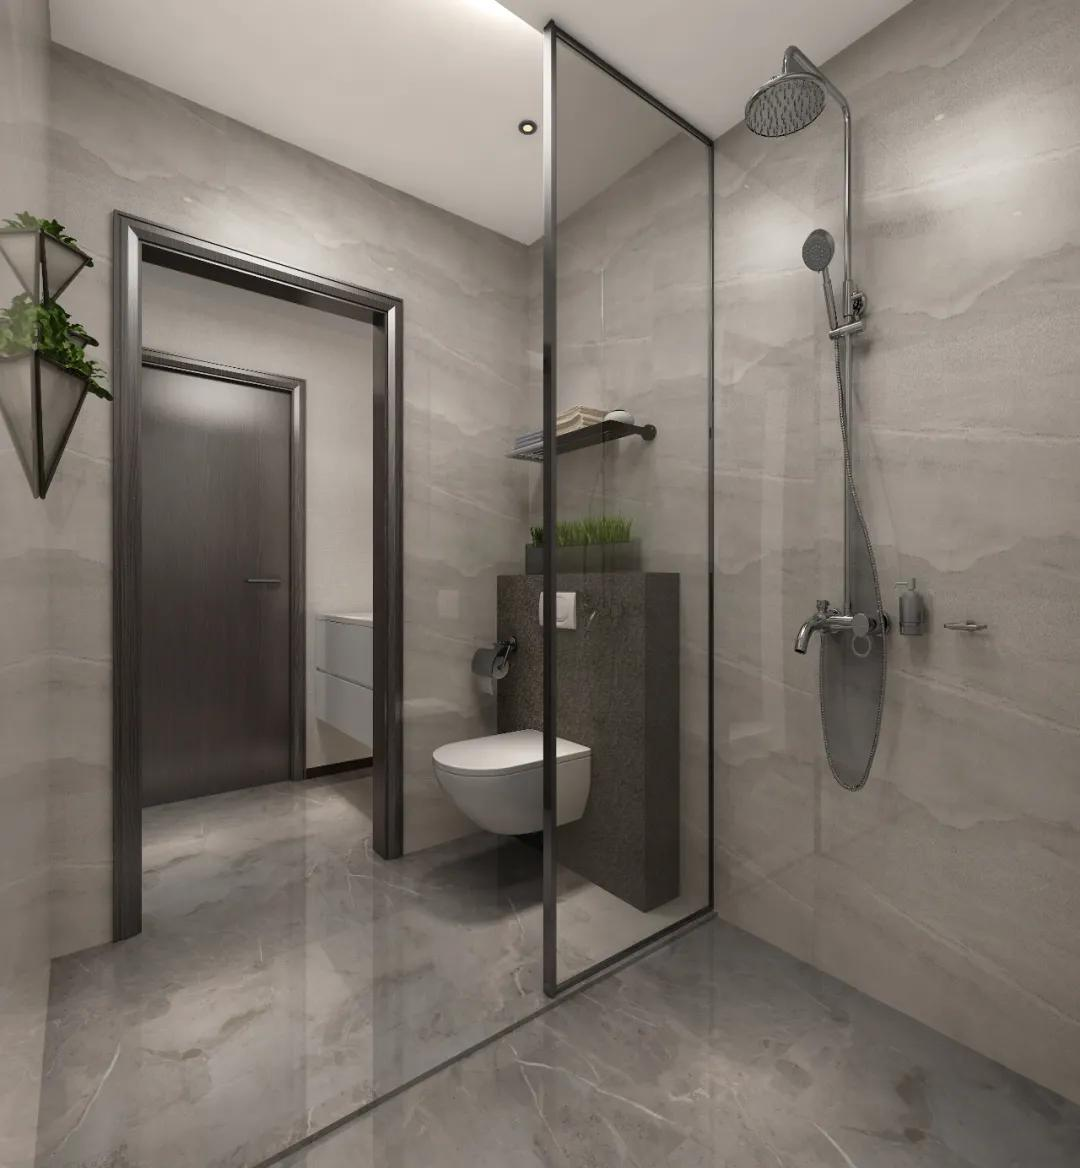 马桶、卫浴柜……卫生间物